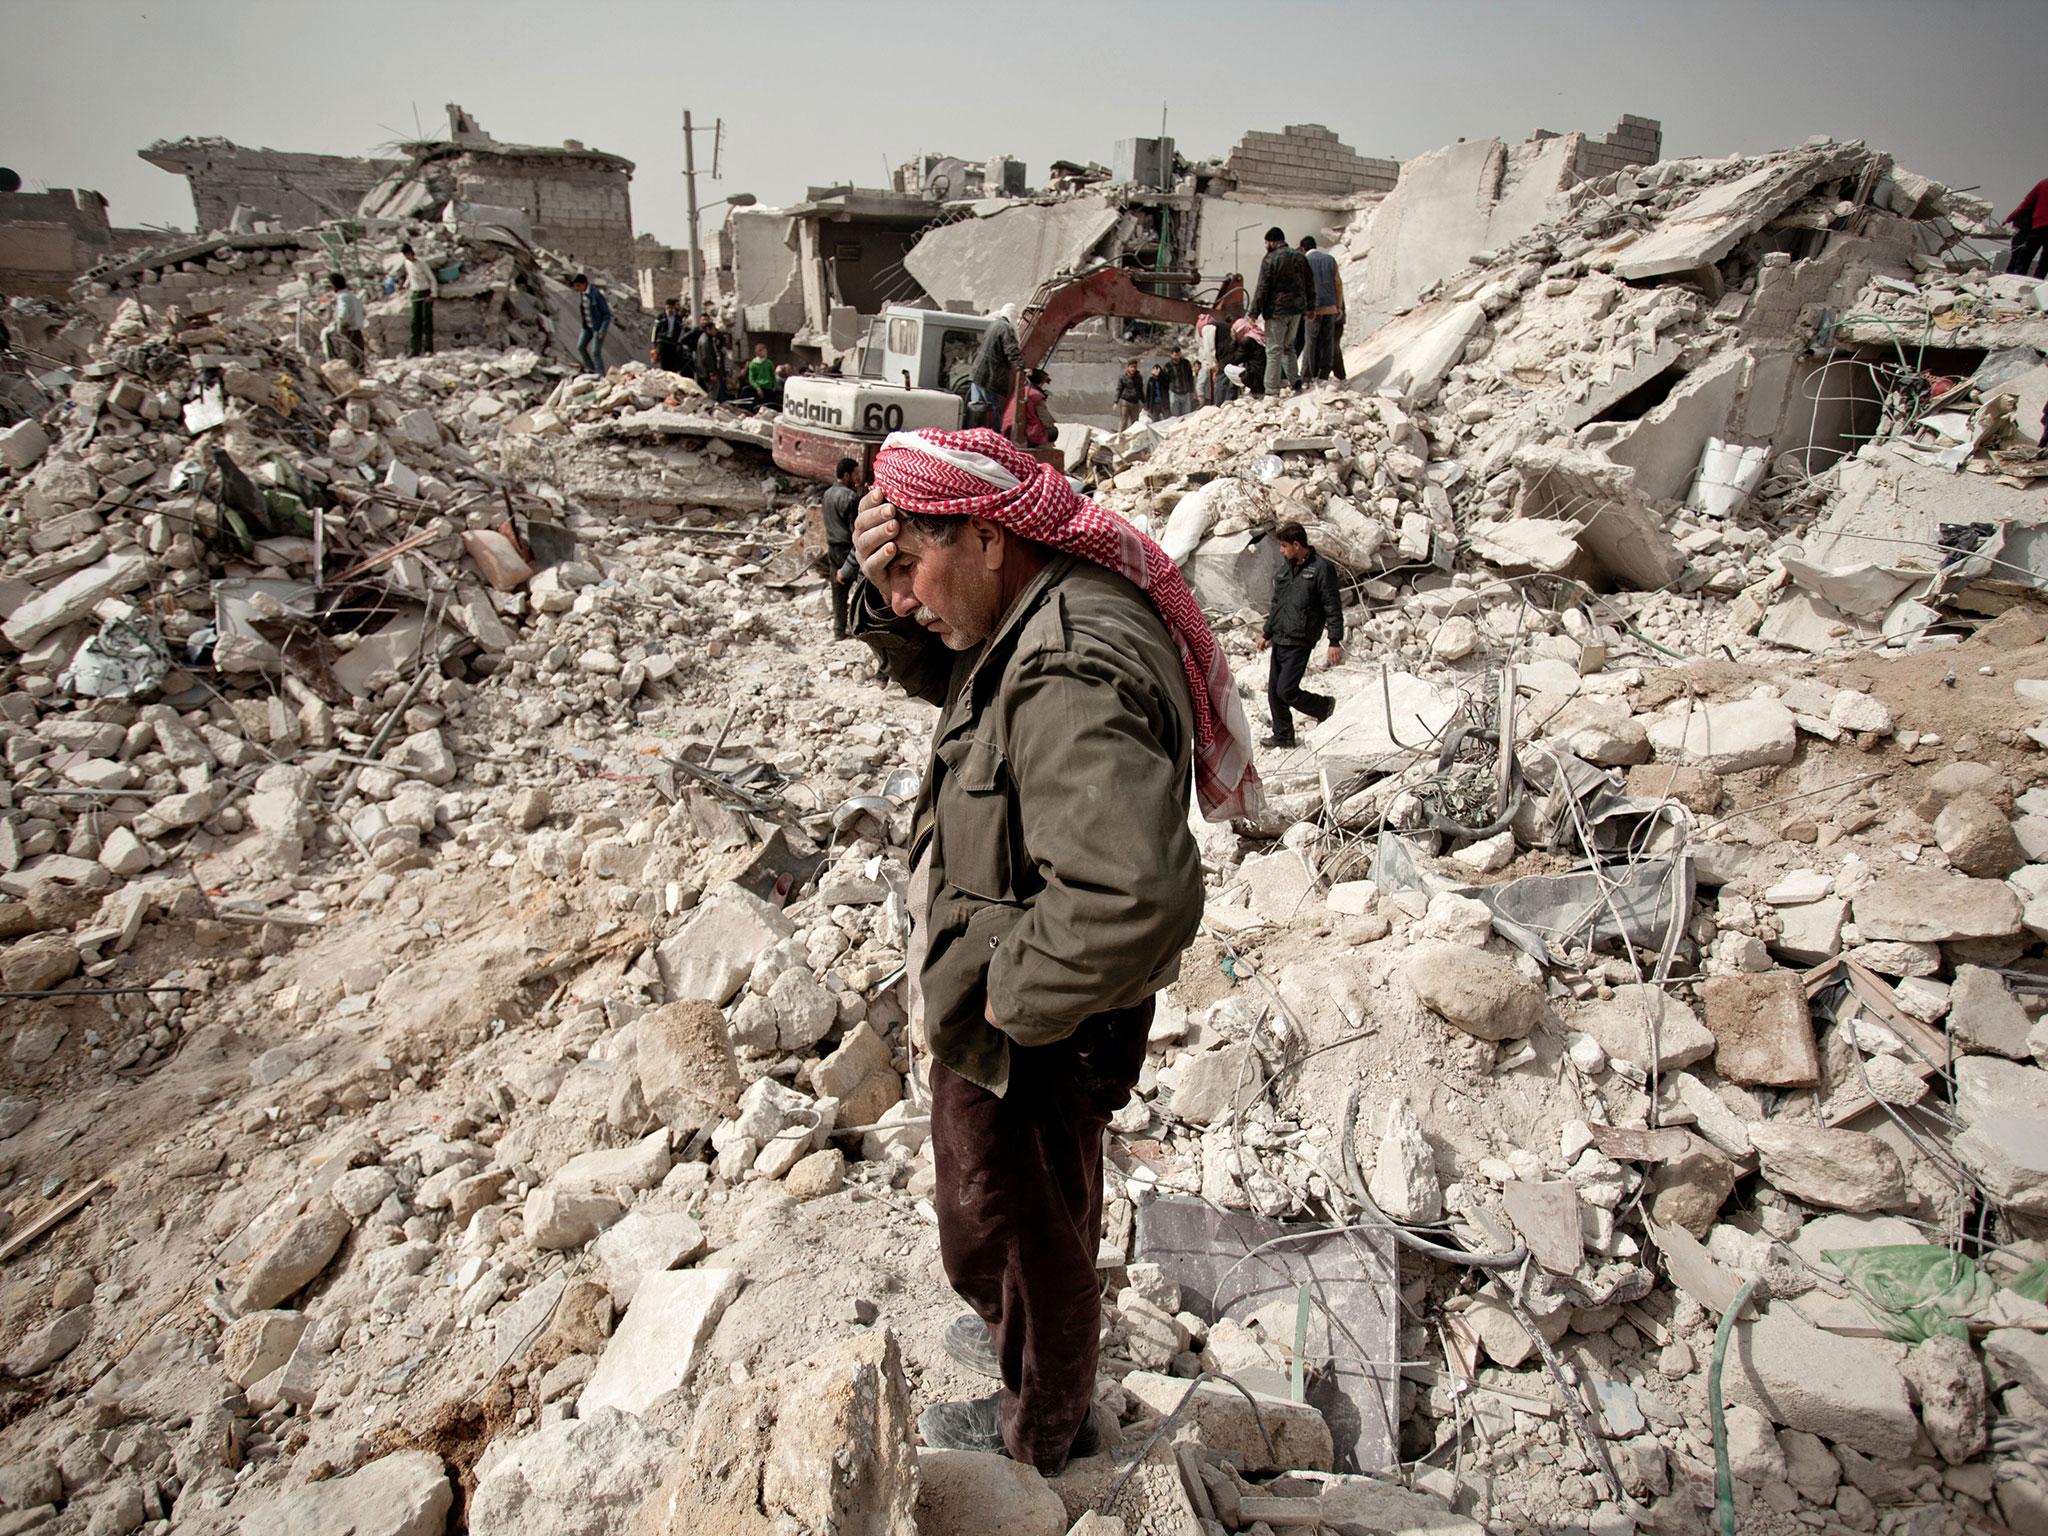 صورة خبراء الحدود يضعون ٥ سيناريوهات محكمة لإنهاء الحرب في سوريا